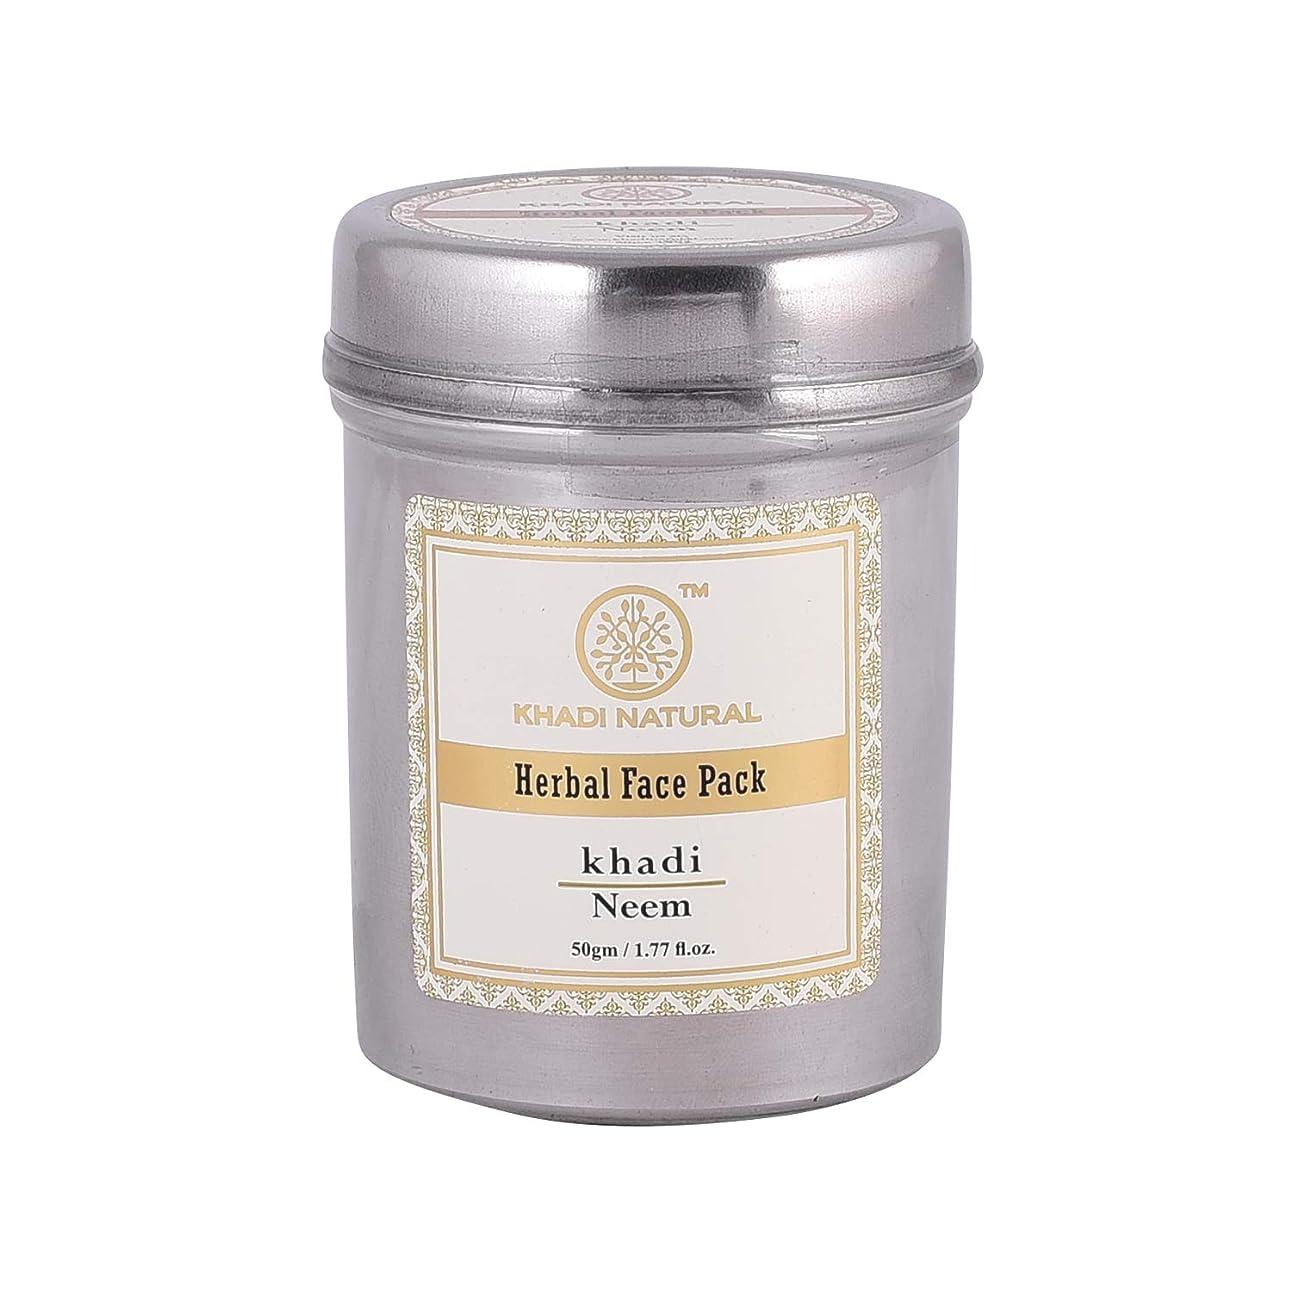 エリートジャーナル授業料Khadi Natural Herbal Neem Face Pack (50g)